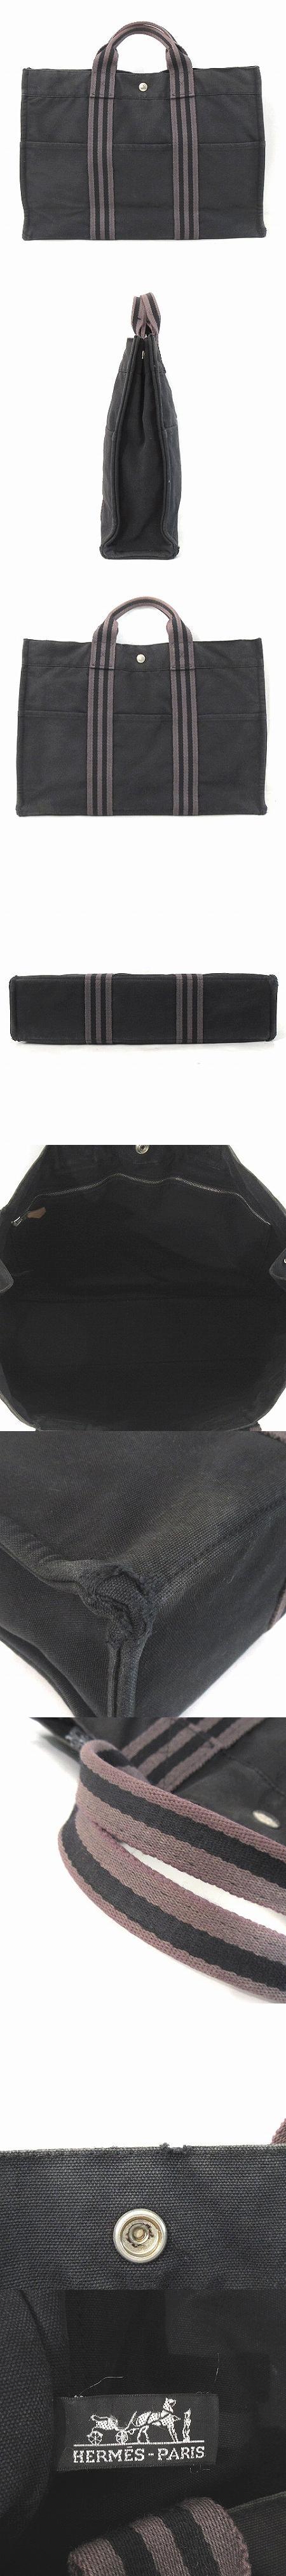 エールライン トート MM ハンド バッグ キャンバス グレー 鞄 IBS7